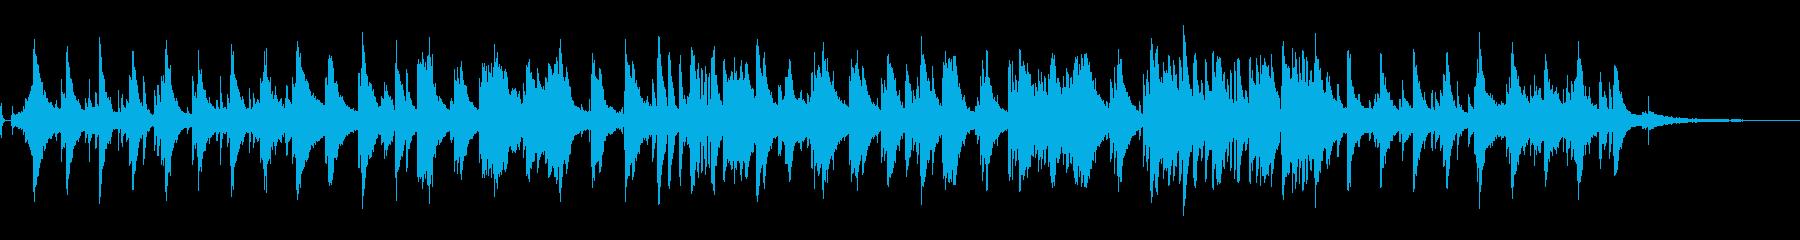 ジャジーでスローなピアノによるBGMですの再生済みの波形